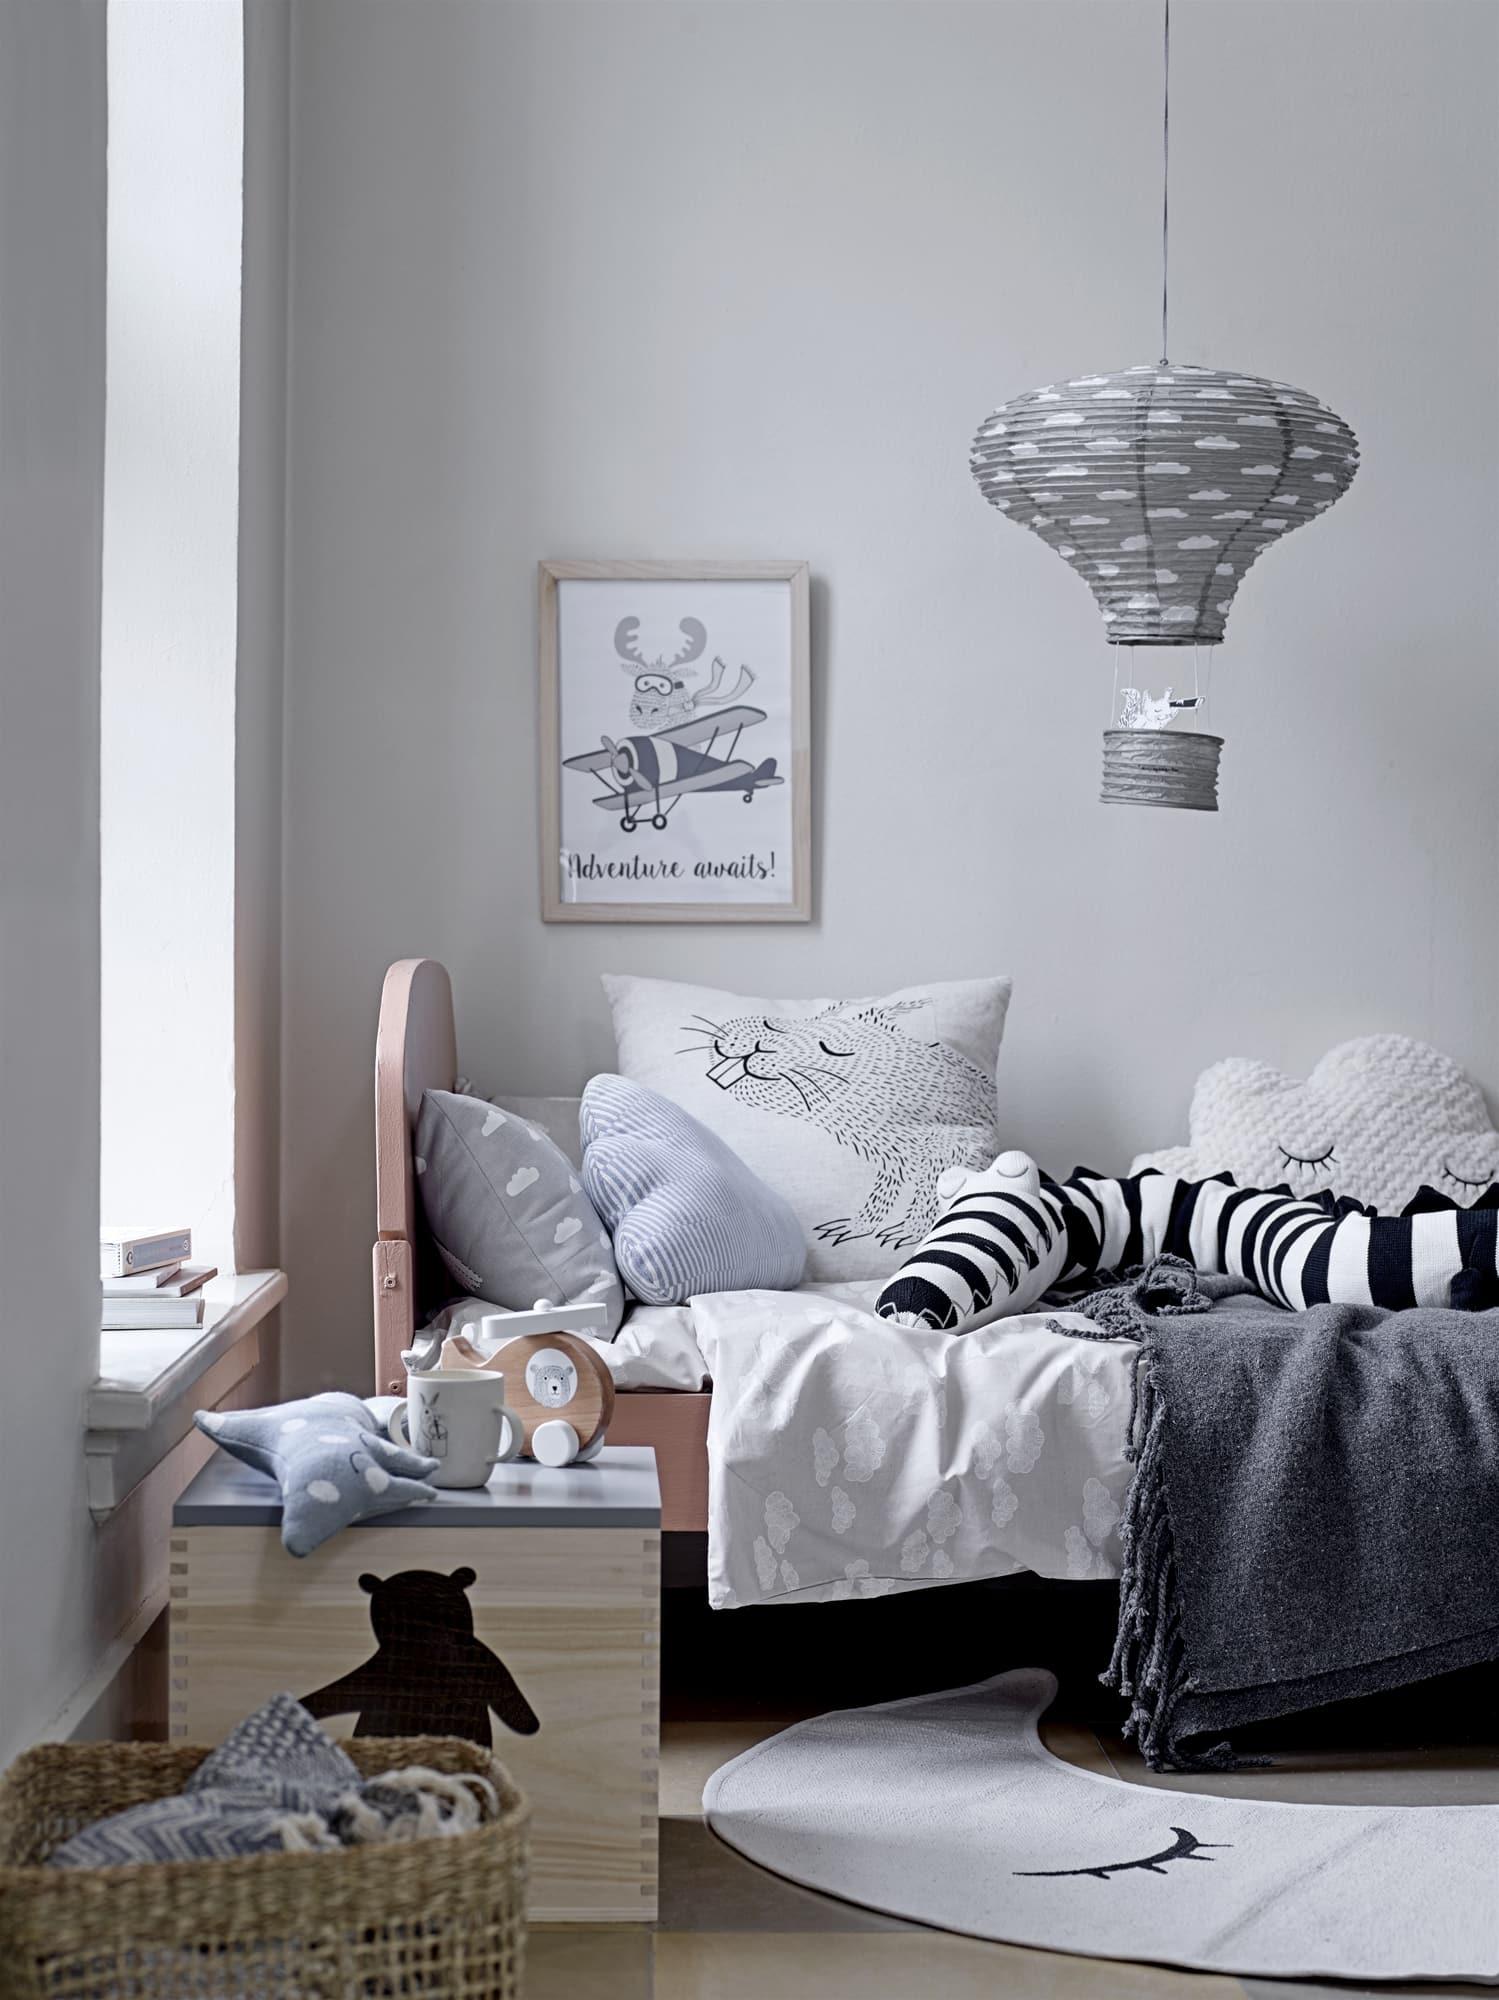 lit avec tête de lit et lattes de la marque Hbedding chez Homifab